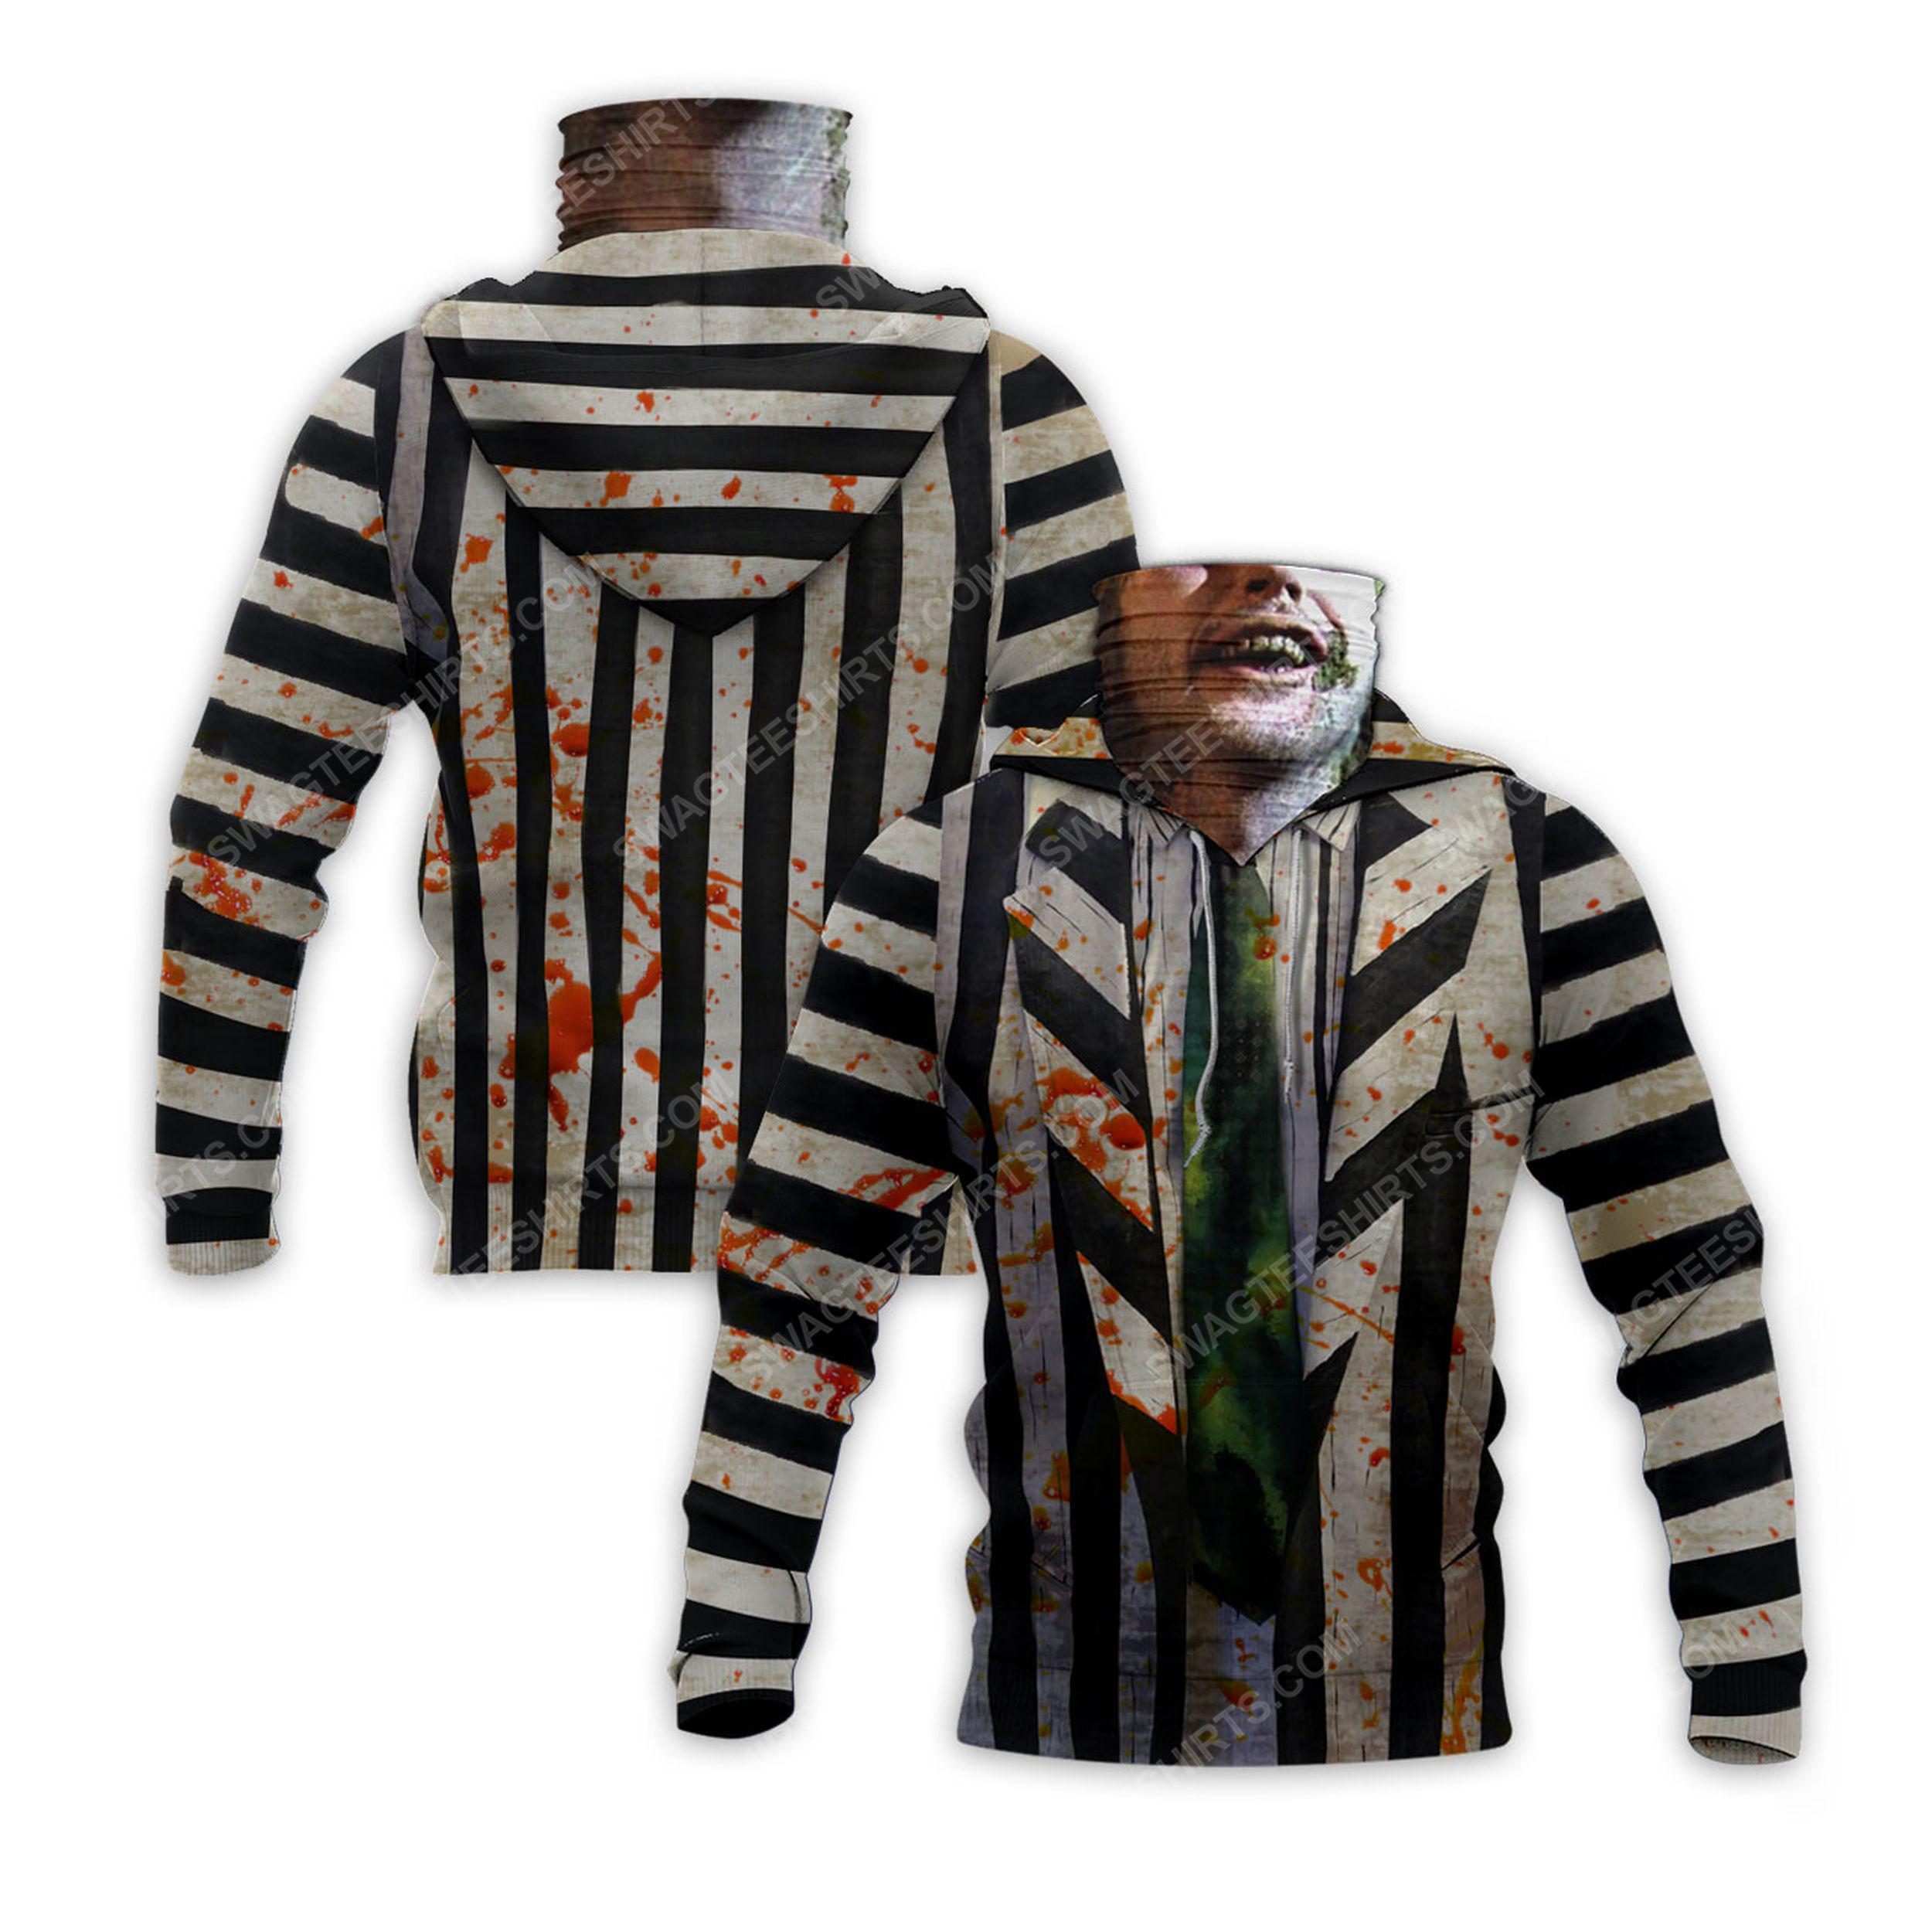 American horror comedy beetlejuice for halloween full print mask hoodie 2(1)